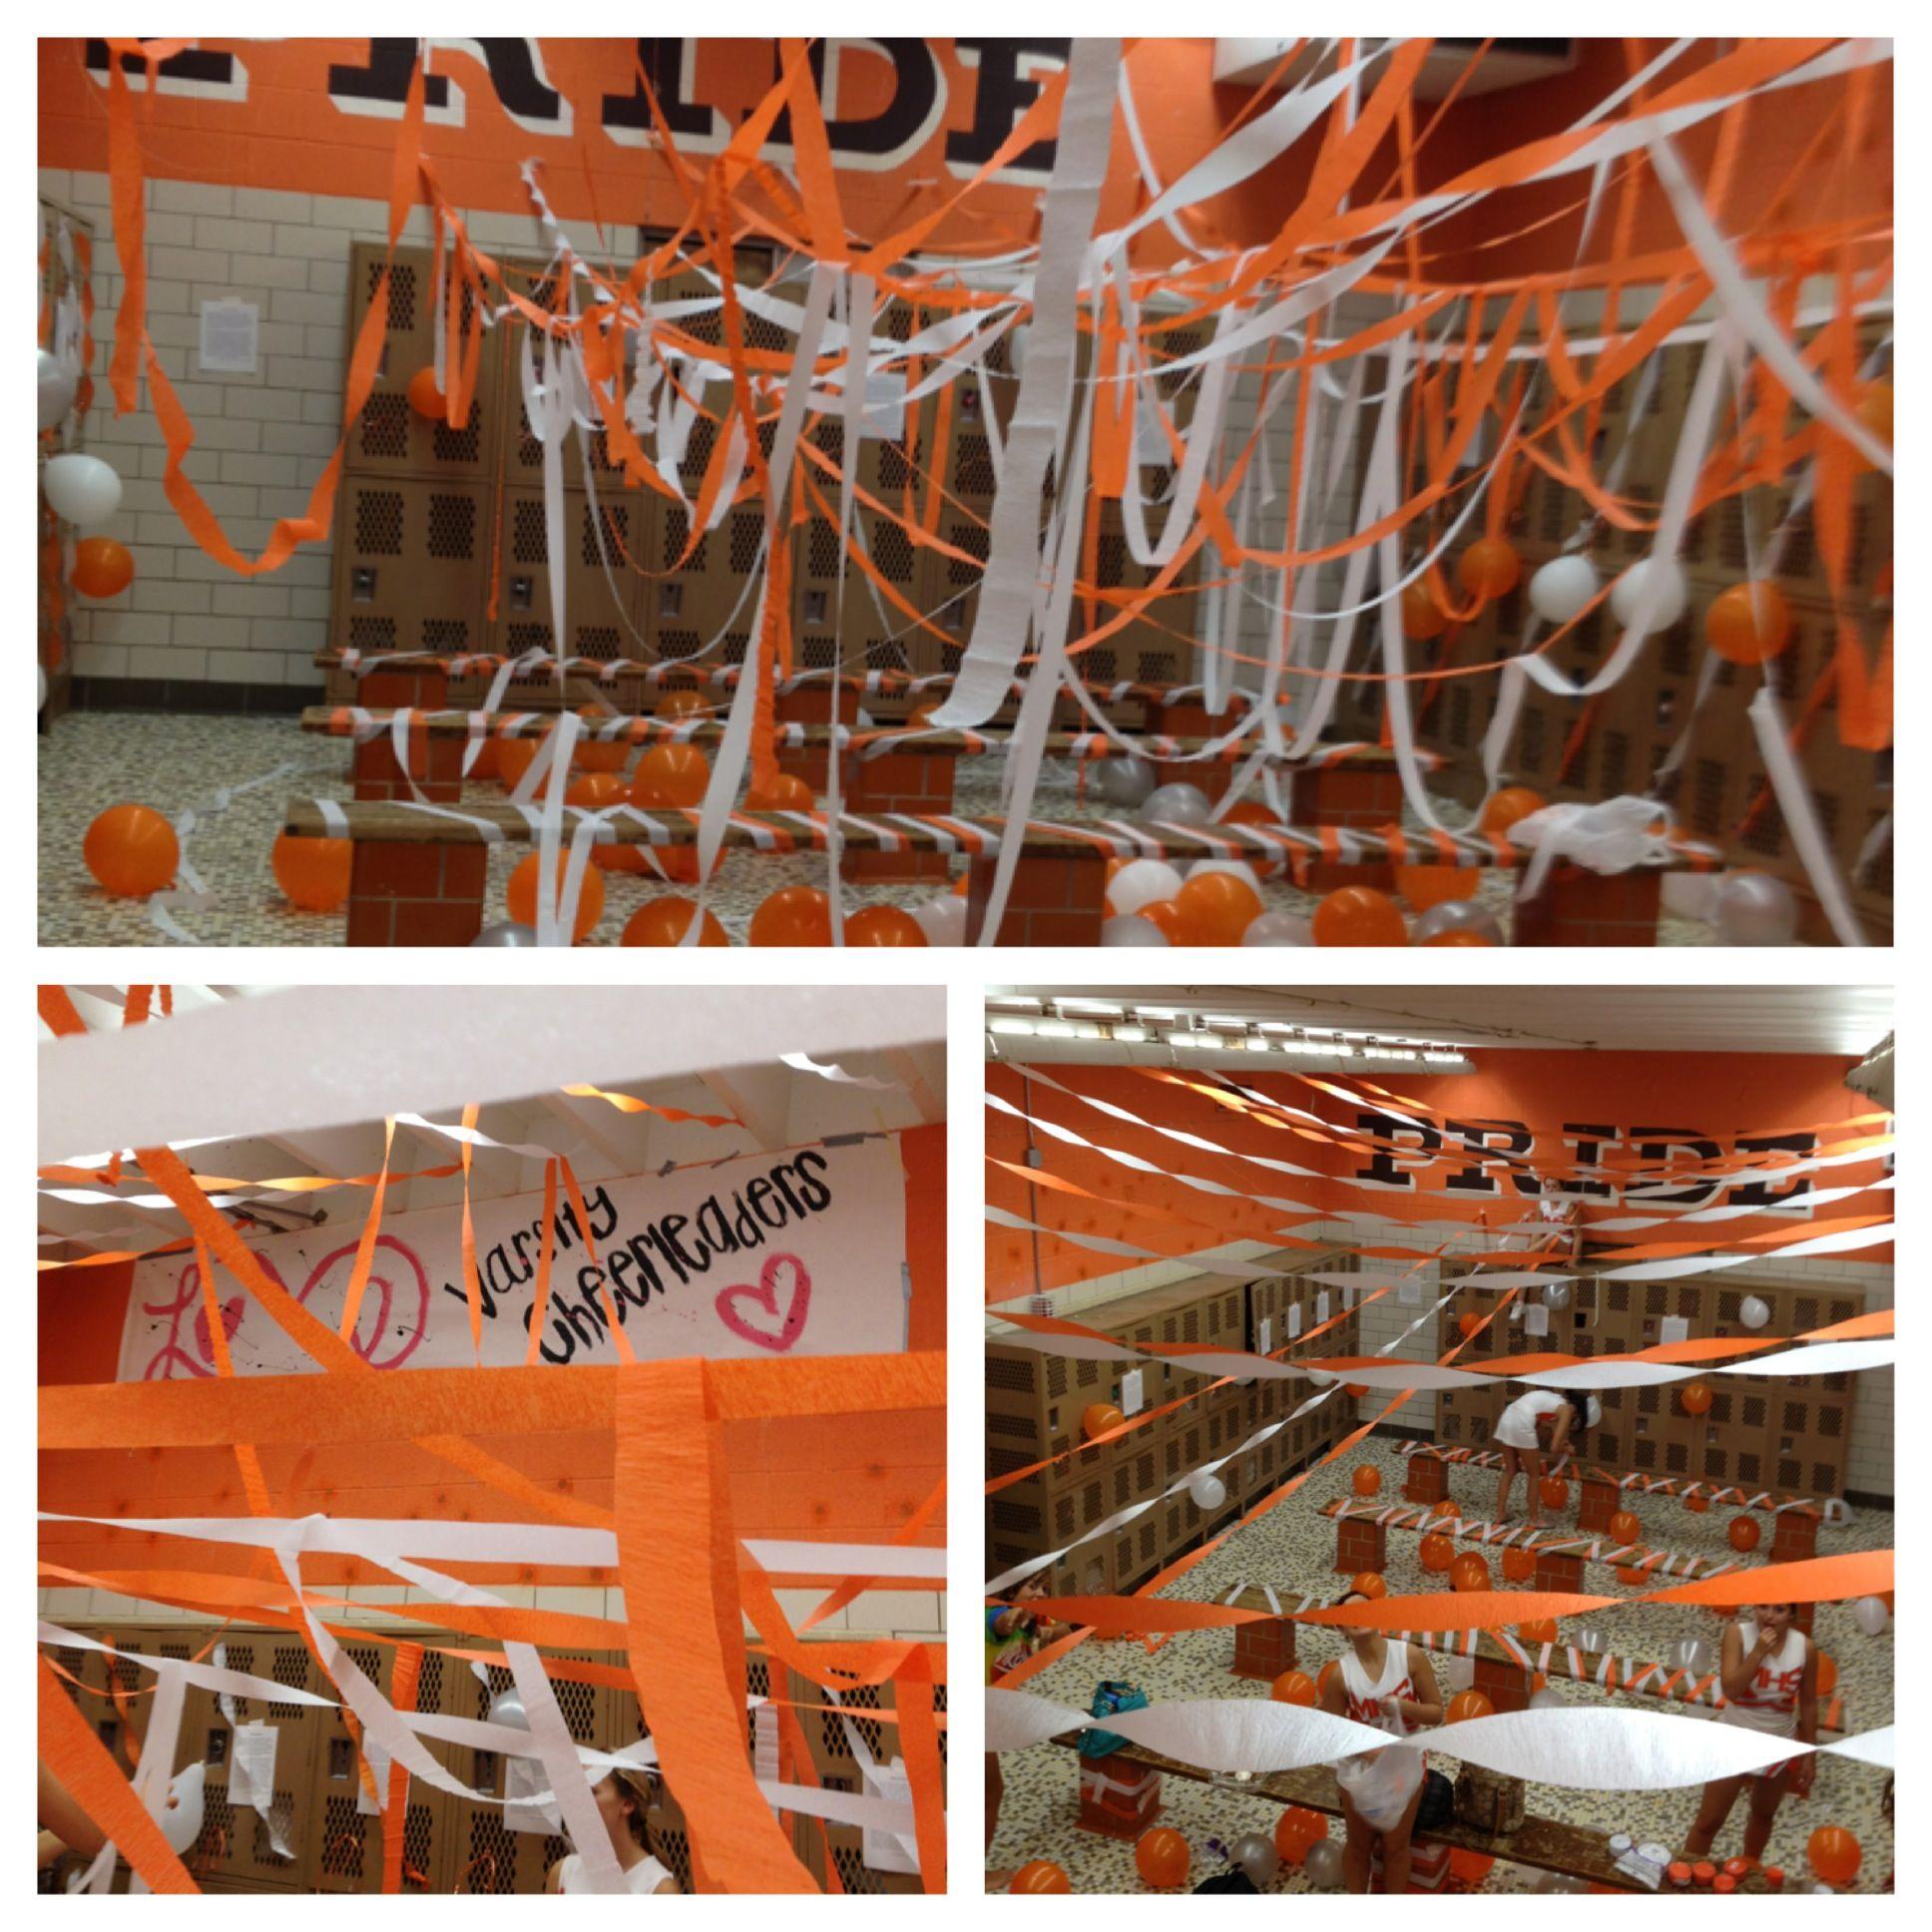 Locker Room Takeover Midpark Locker Room Decorations Basketball Locker Decorations Football Locker Decorations